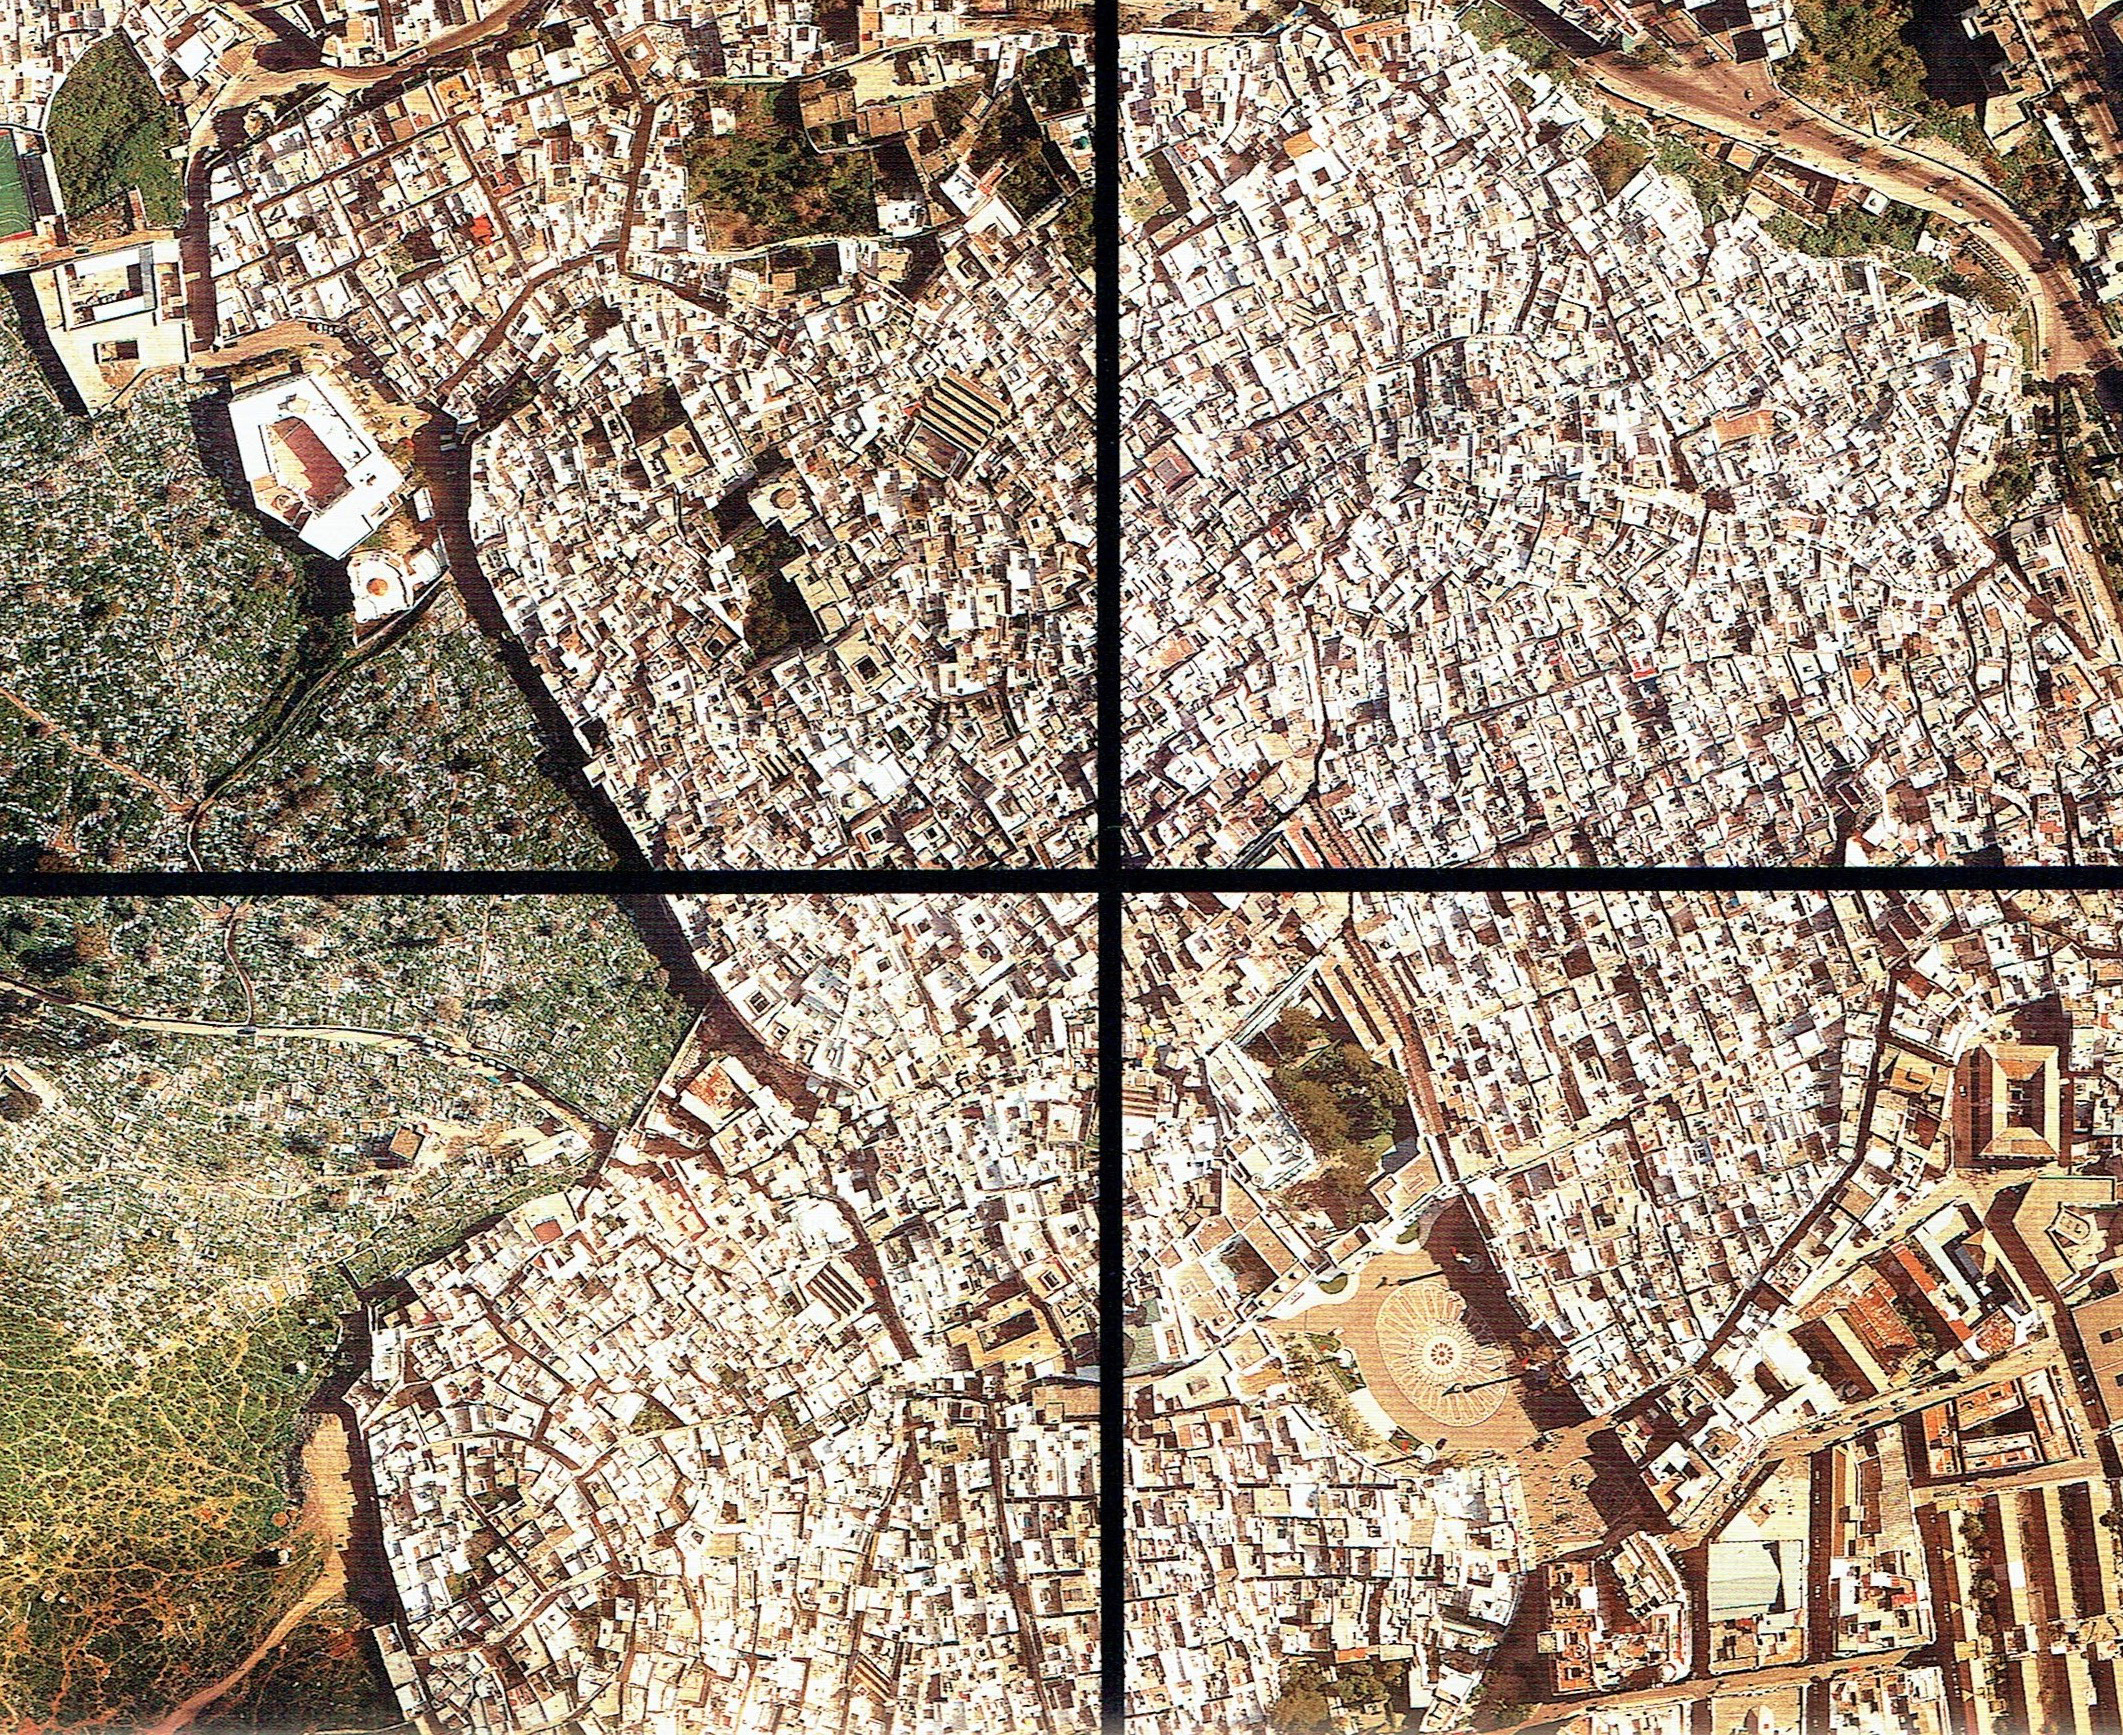 Vista aérea Medina Tetuán